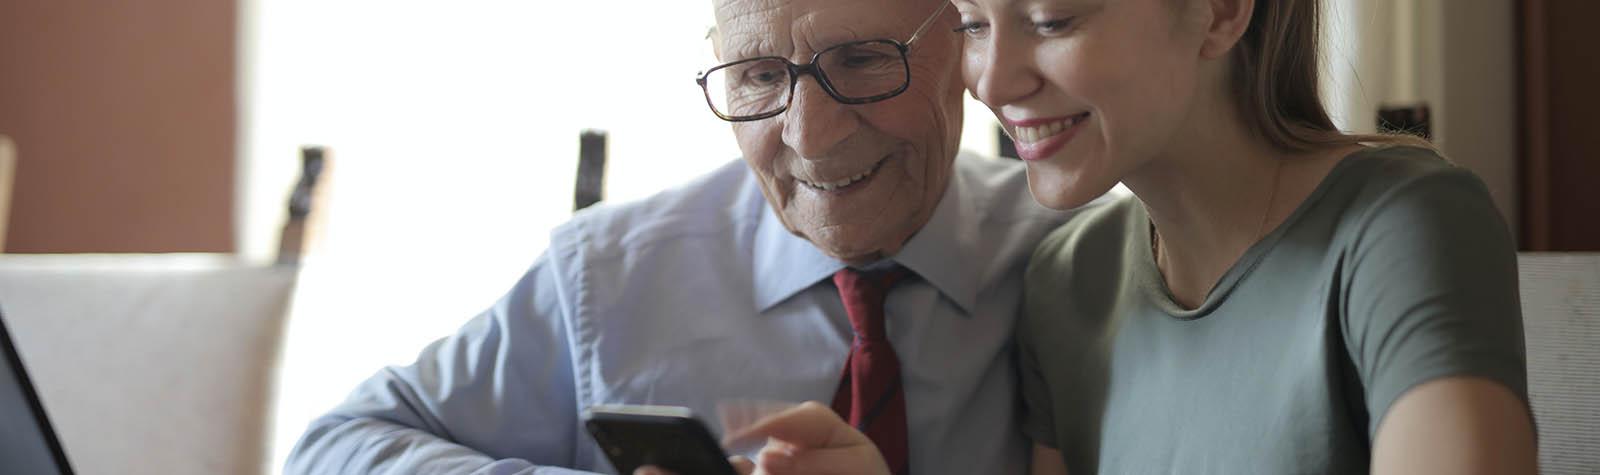 Hoe kun je als oudere online veiliger zijn?